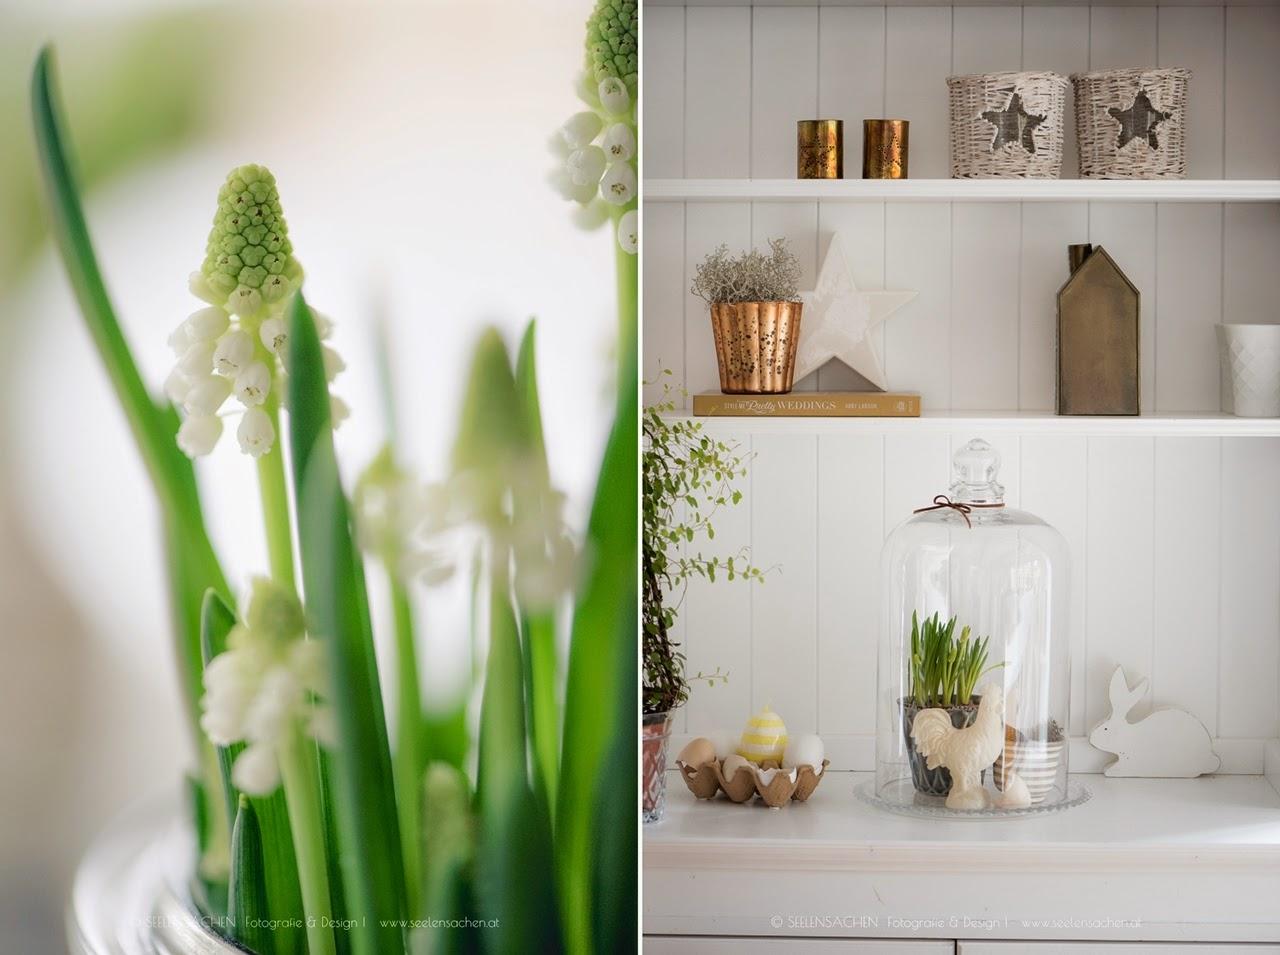 Ei-Ei, Zeit an Ostern zu denken